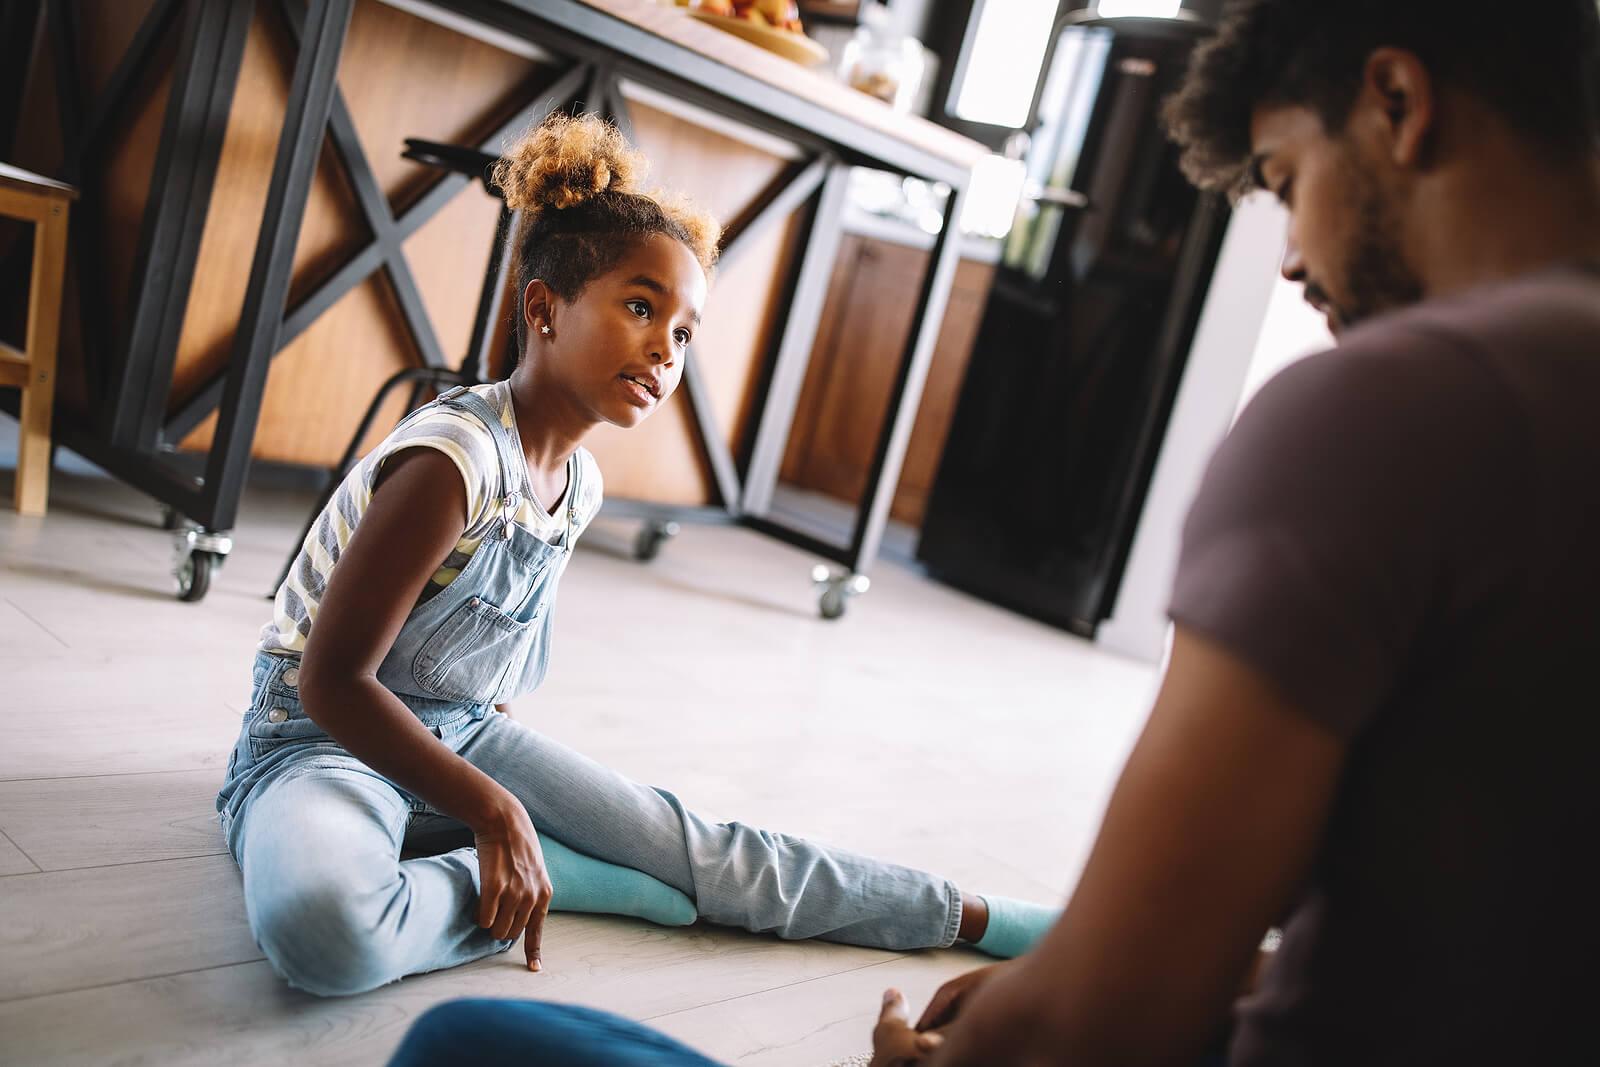 Padre hablando en familia aprendiendo a tener más paciencia con los hijos.